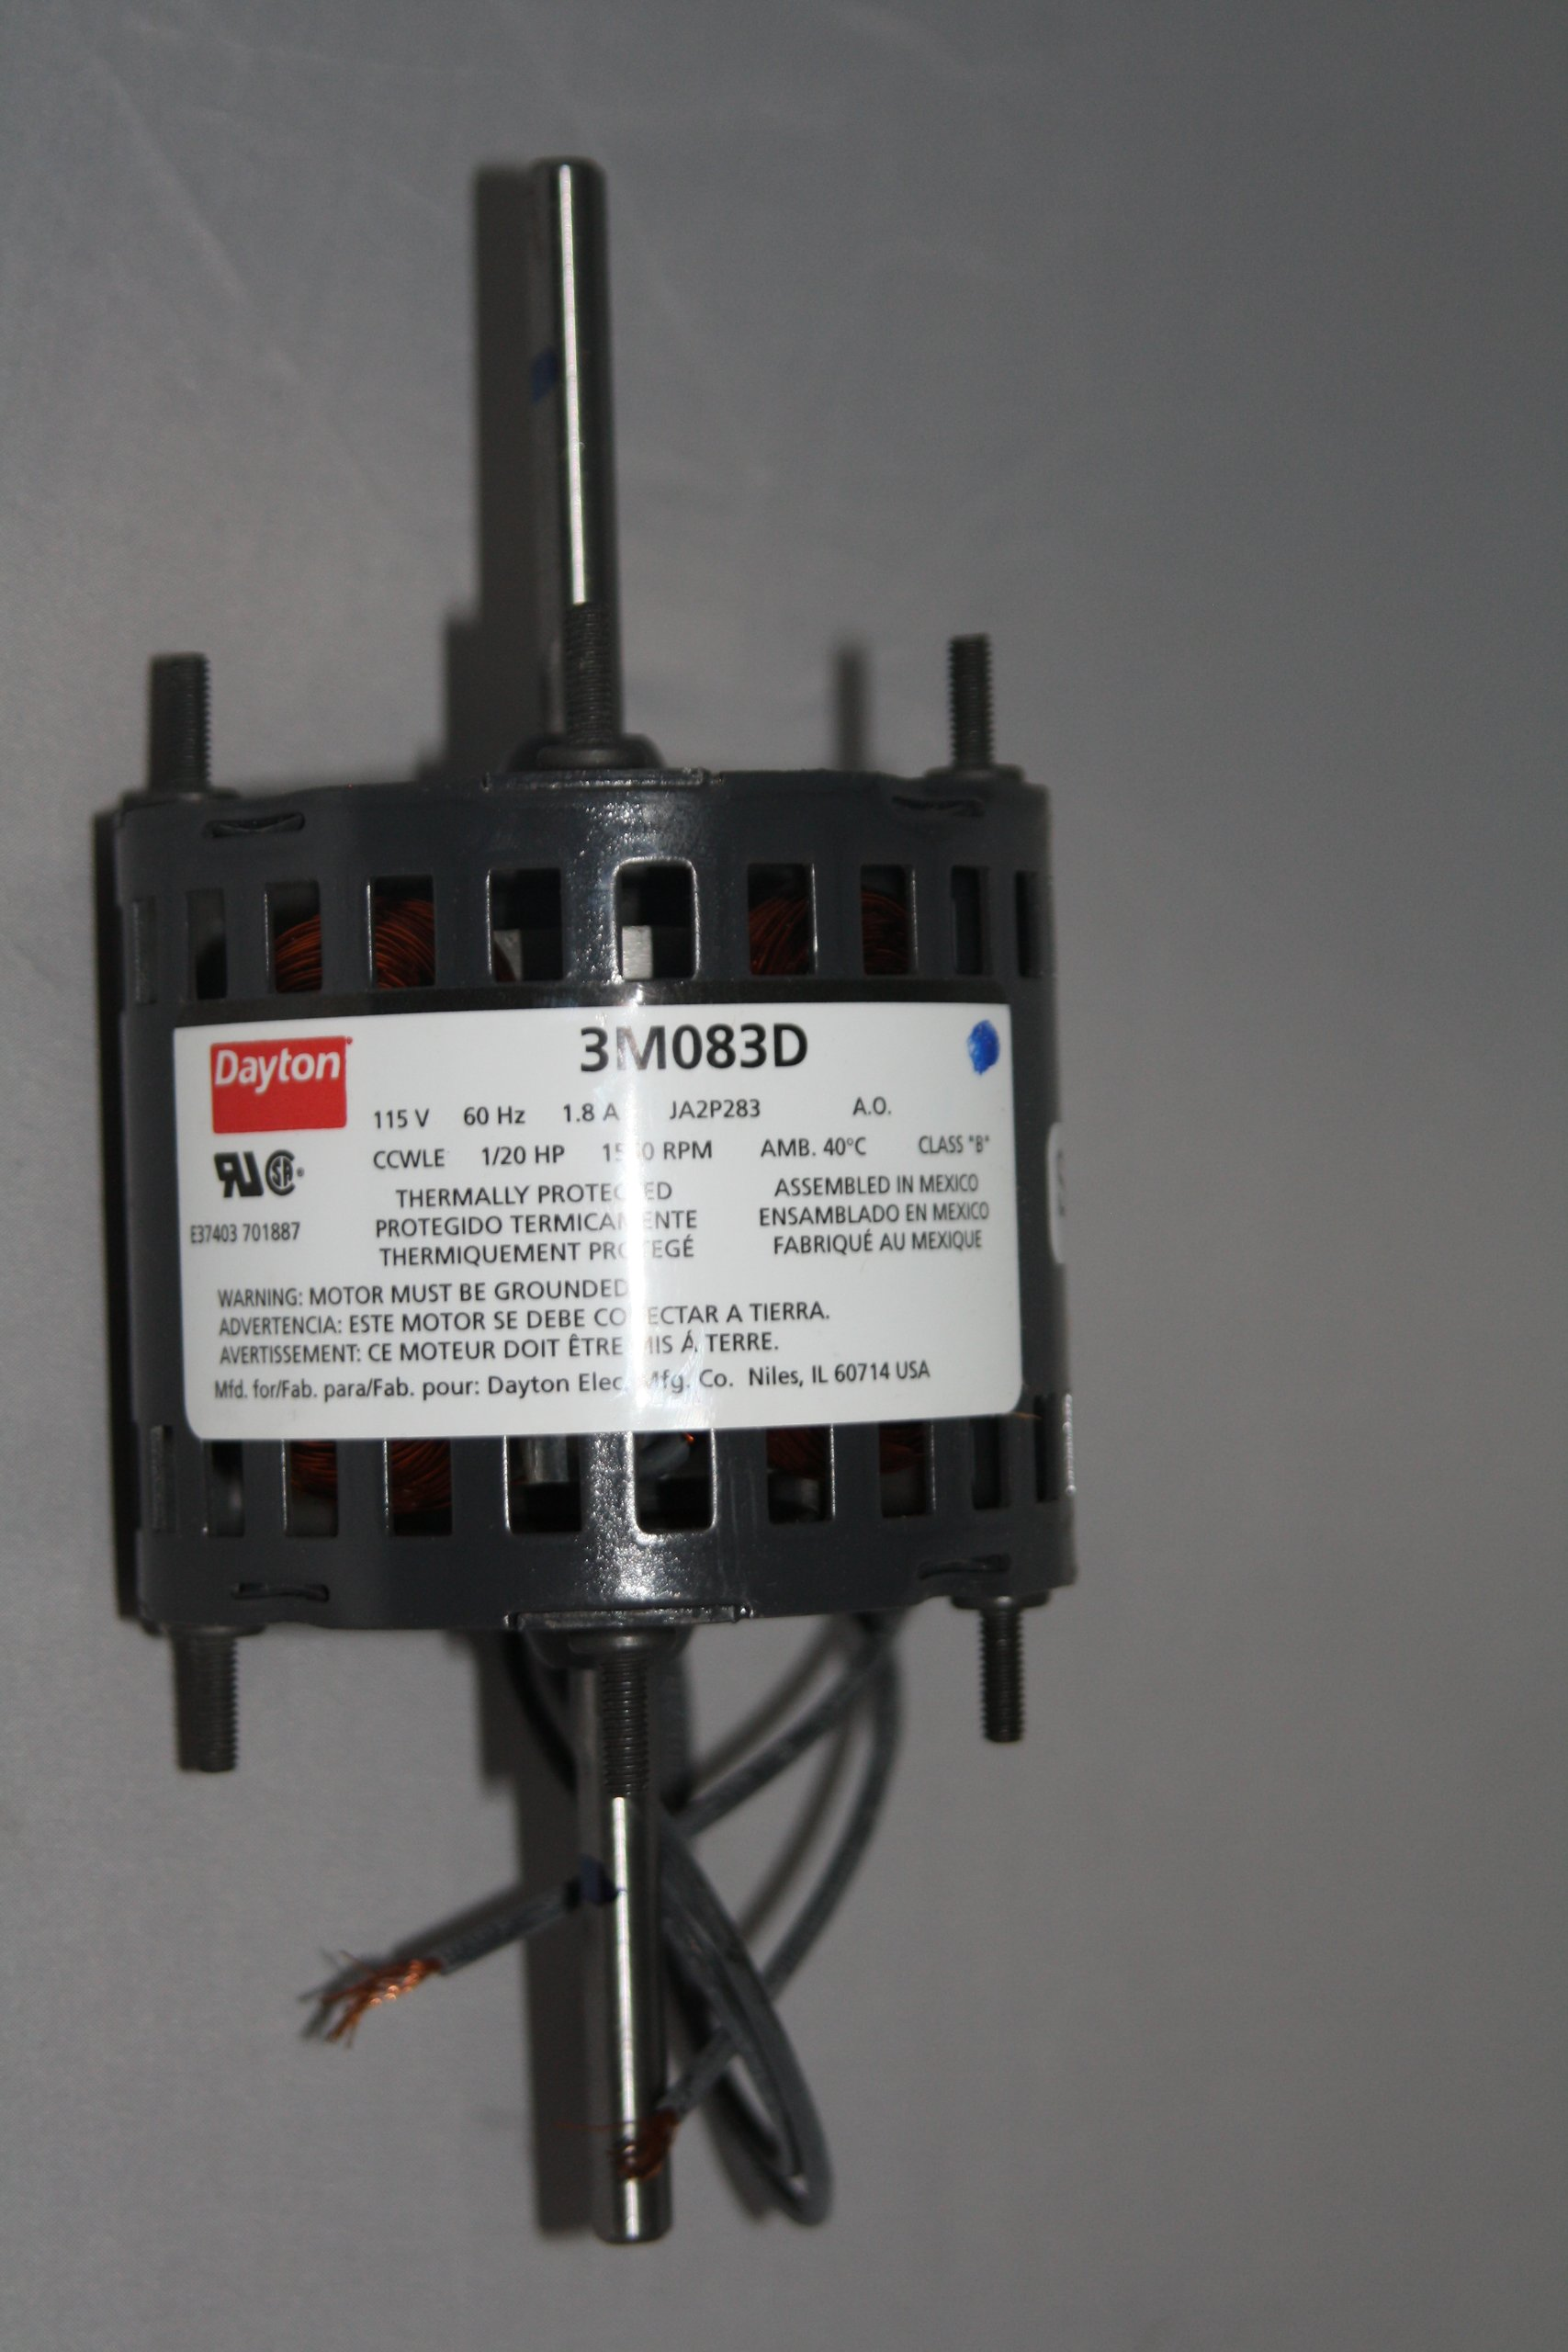 Dayton 3M083 Electric Motor Model